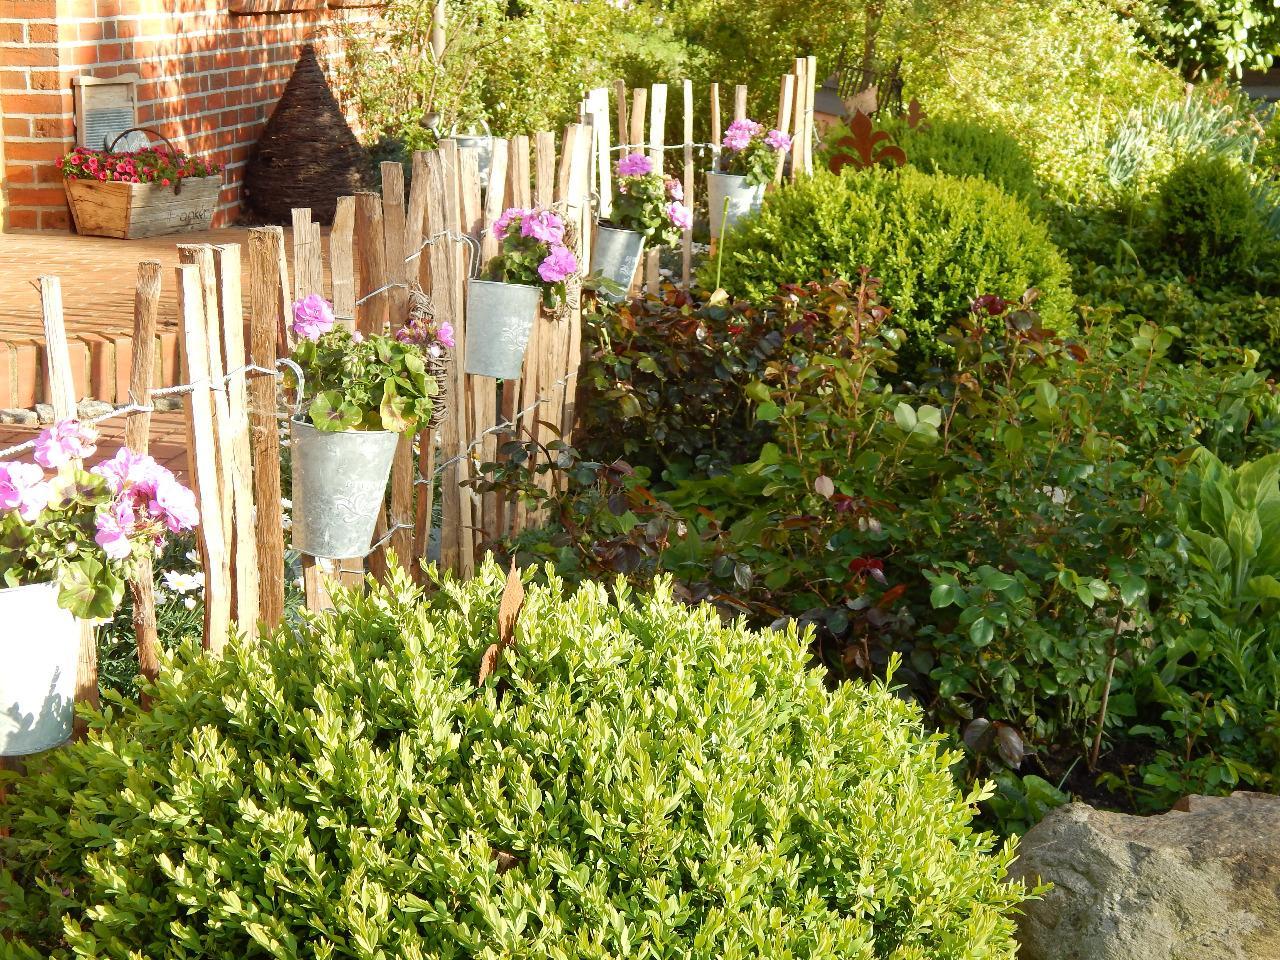 Kleiner Garten Ideen Für Kleine Reihenhausgärten